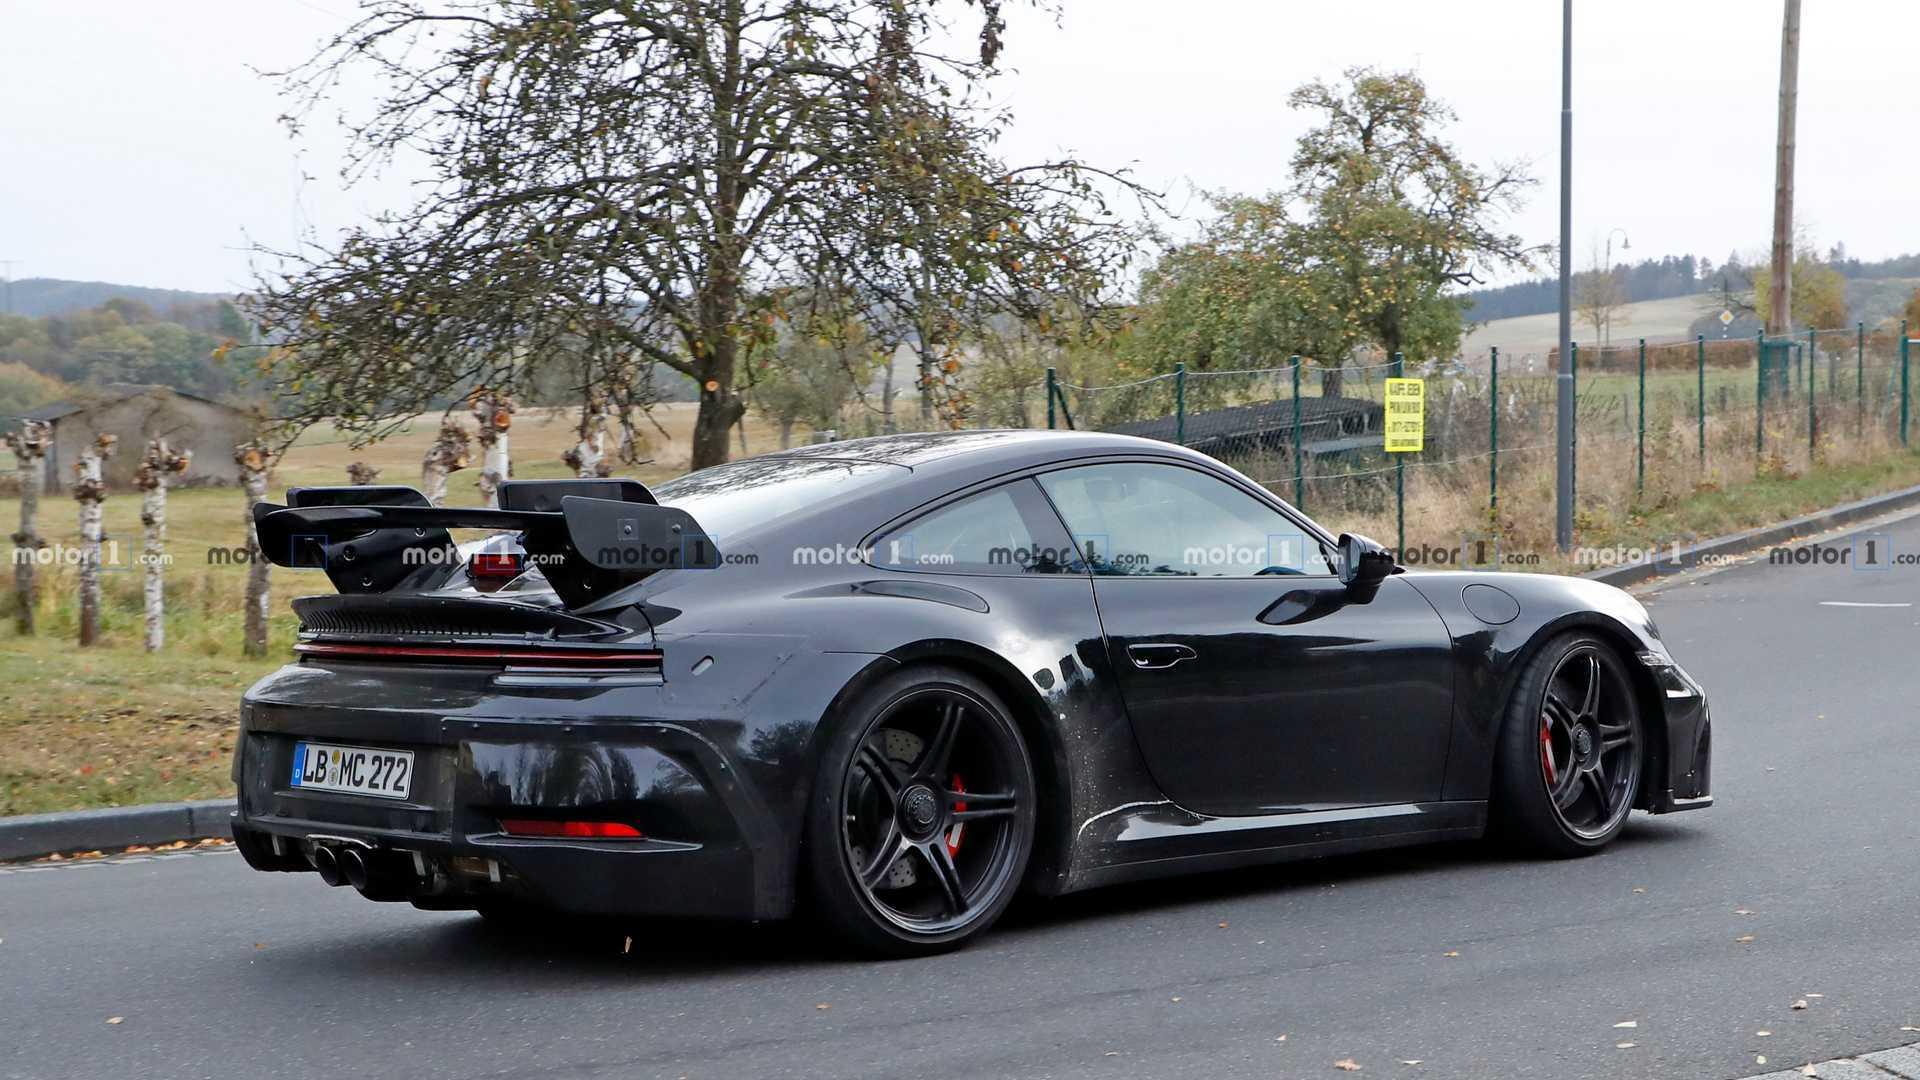 Porsche 911 Gt3 Spied On Video Making A Wonderful Sound